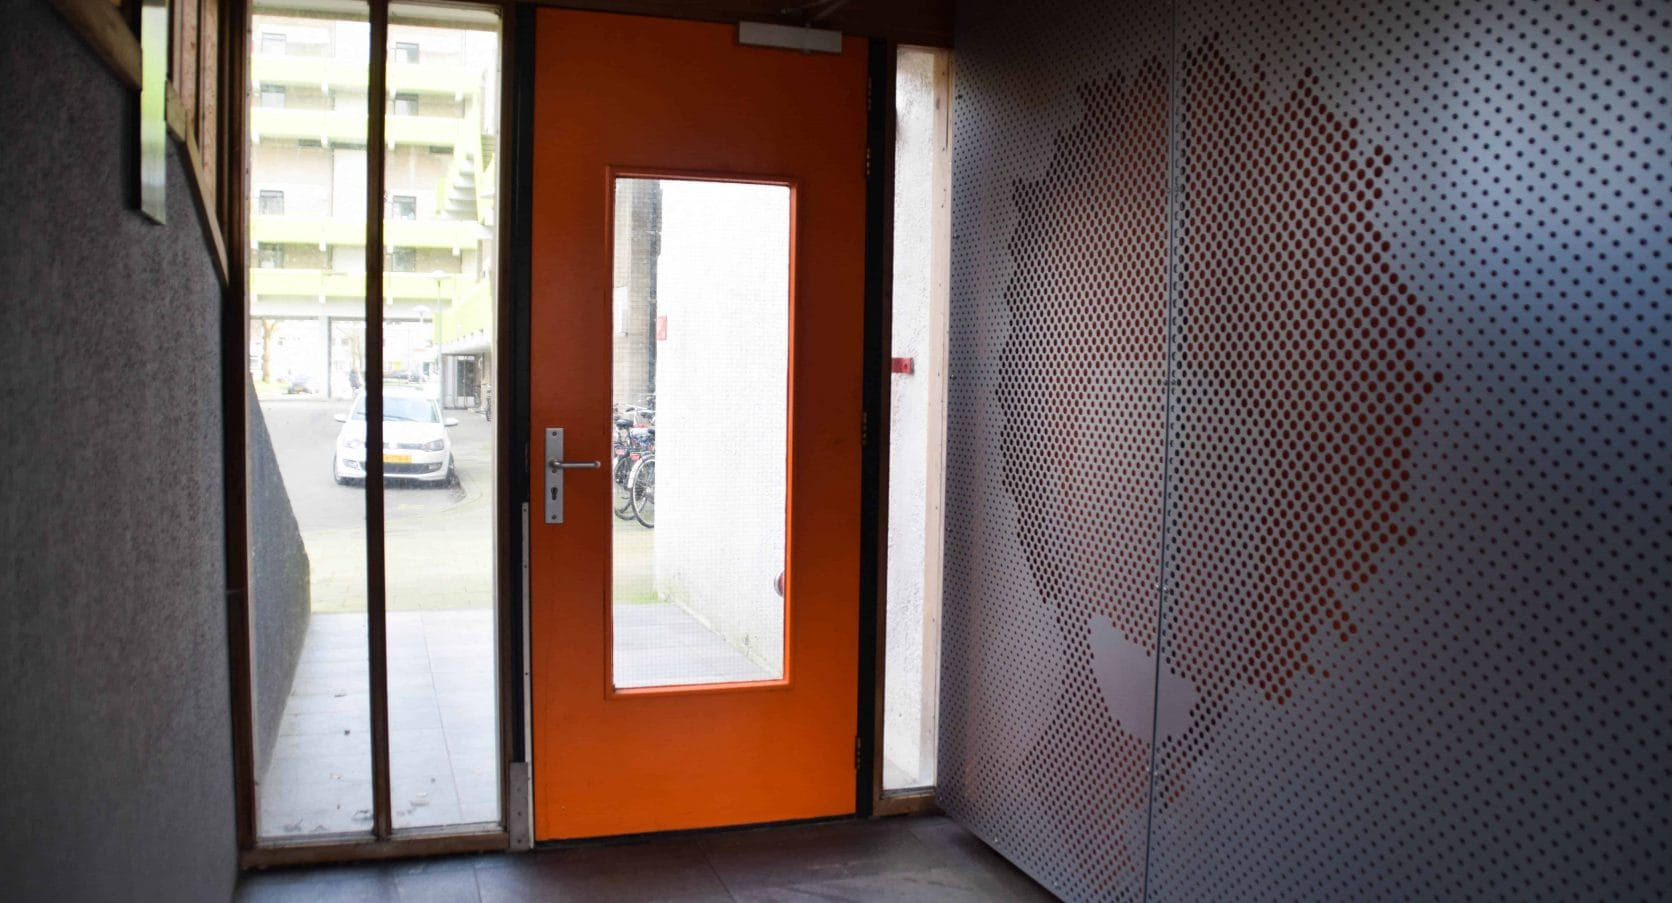 MD Designperforatie met patronen als interieurbekleding bij de woontorens Tuindorp West in Utrecht